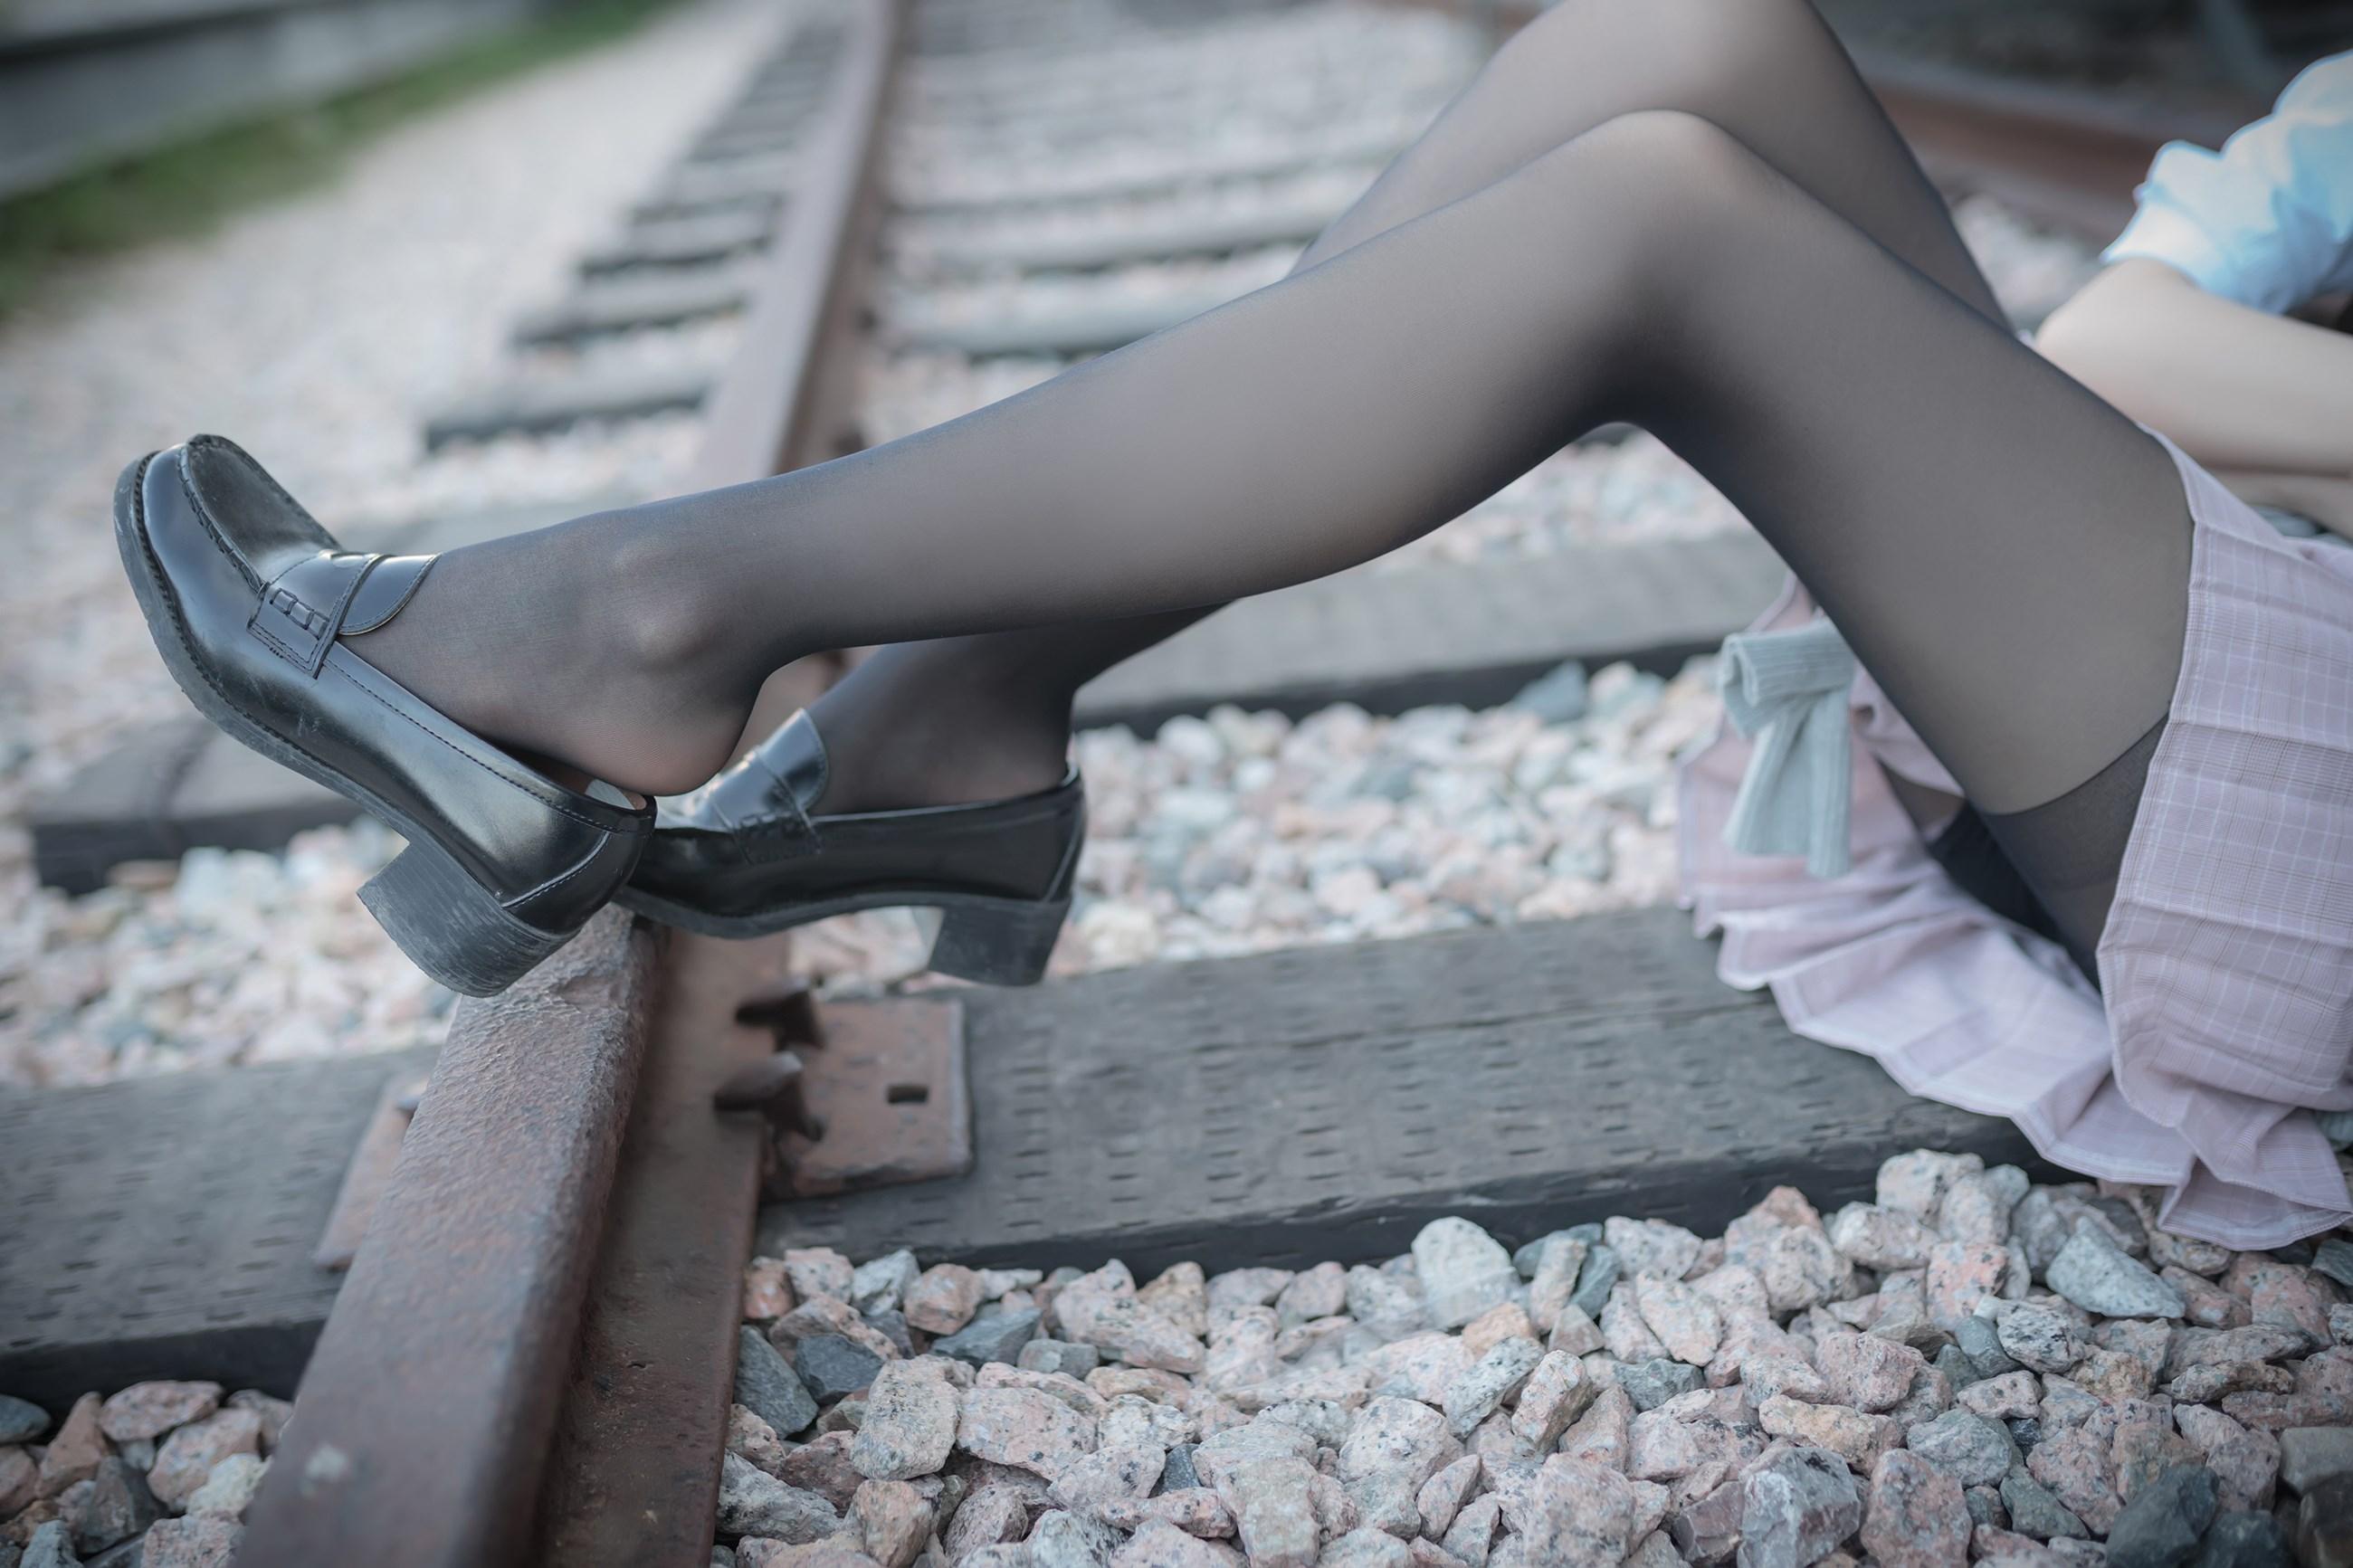 【兔玩映画】铁轨旁的小细腿 兔玩映画 第46张